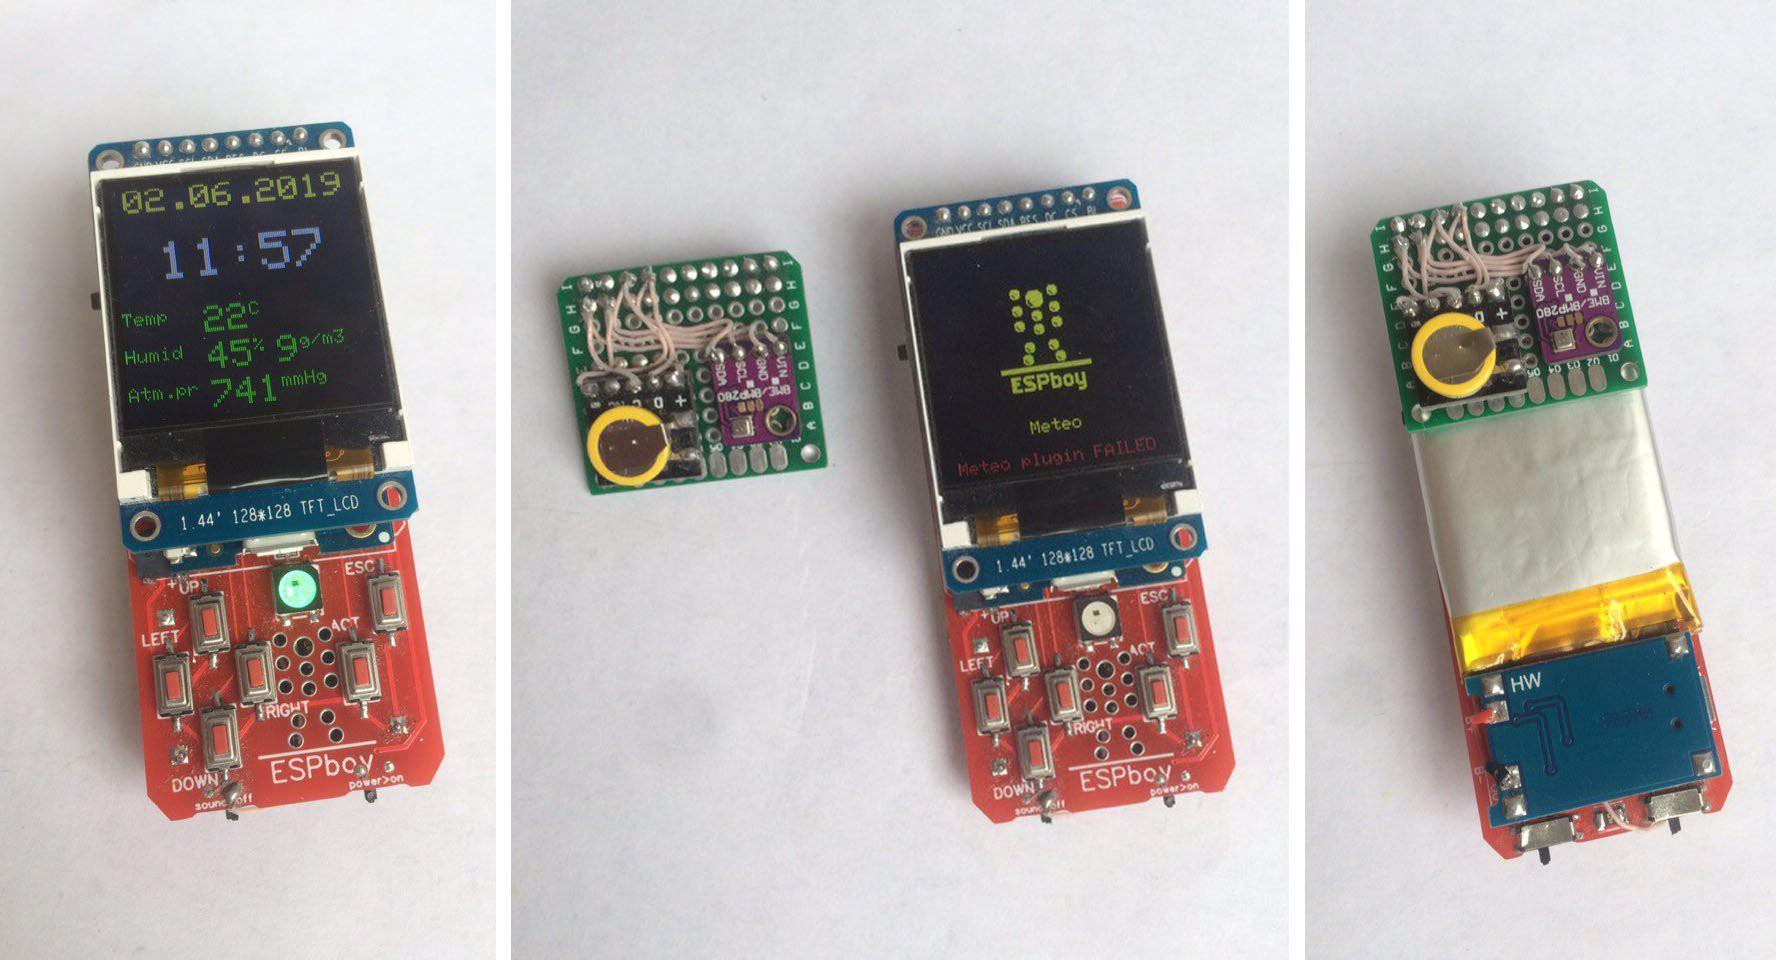 Часть 2: Mодули и AppStore. ESPboy — гаджет для ретро игр и экспериментов с IoT - 6